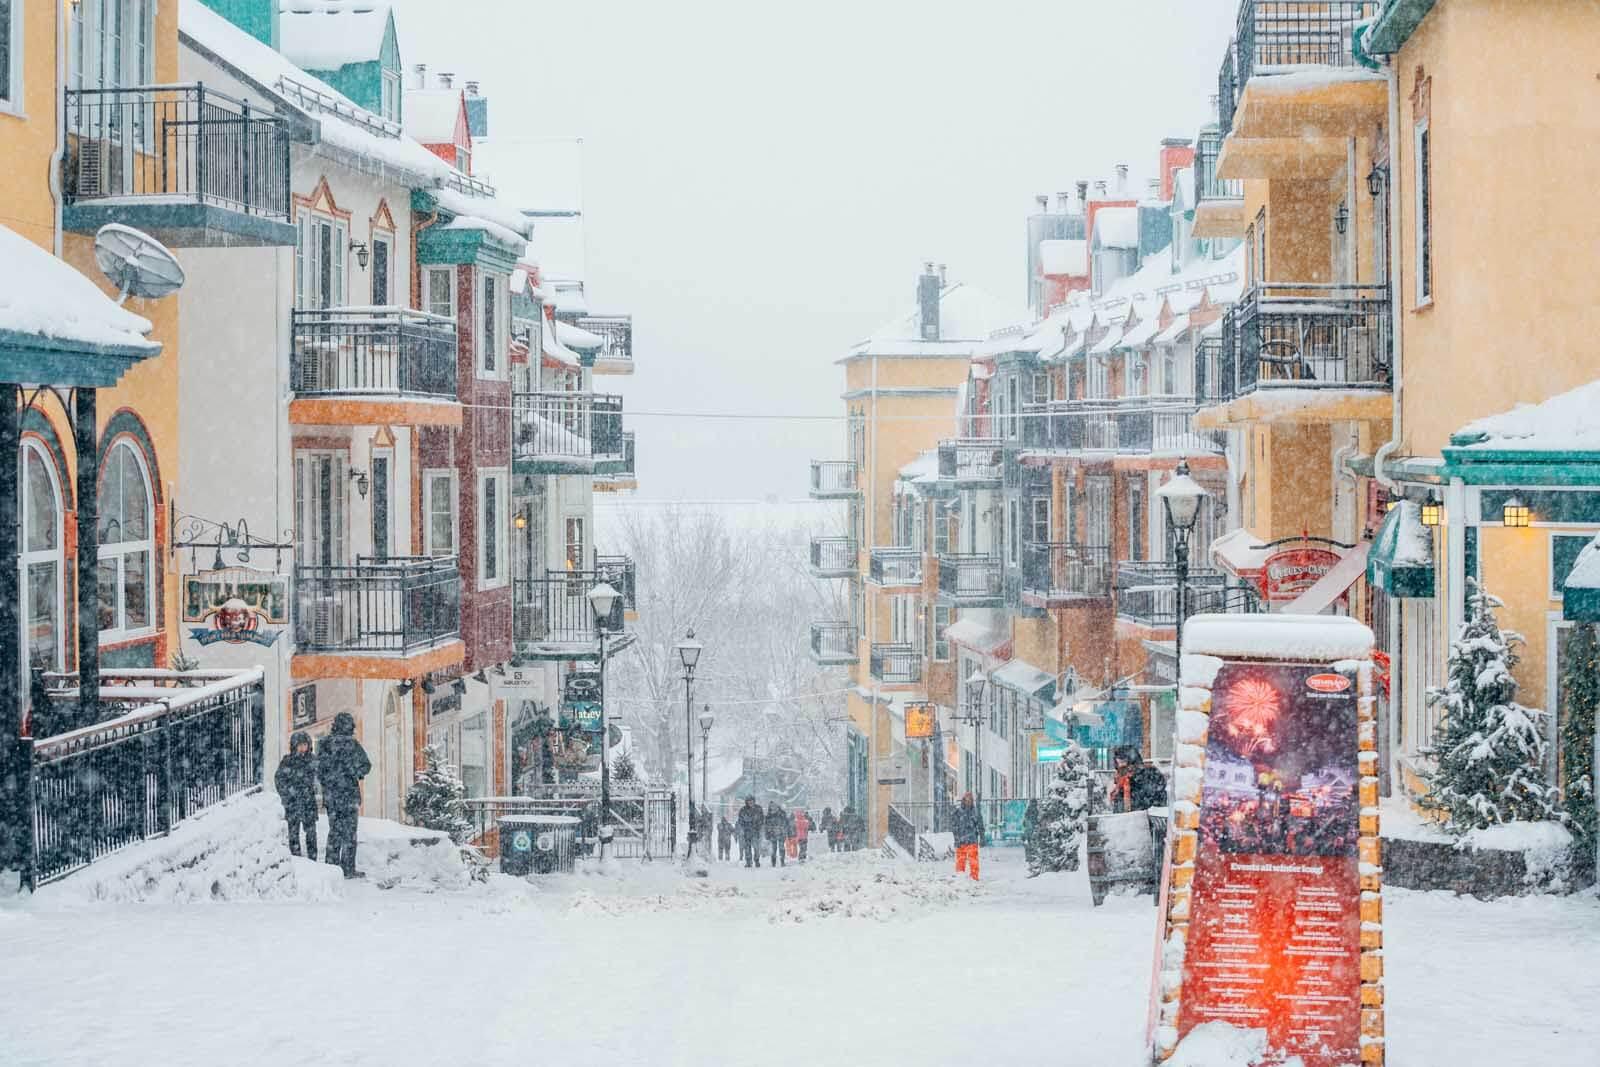 Mont Tremblant pedestrian village in Quebec Canada